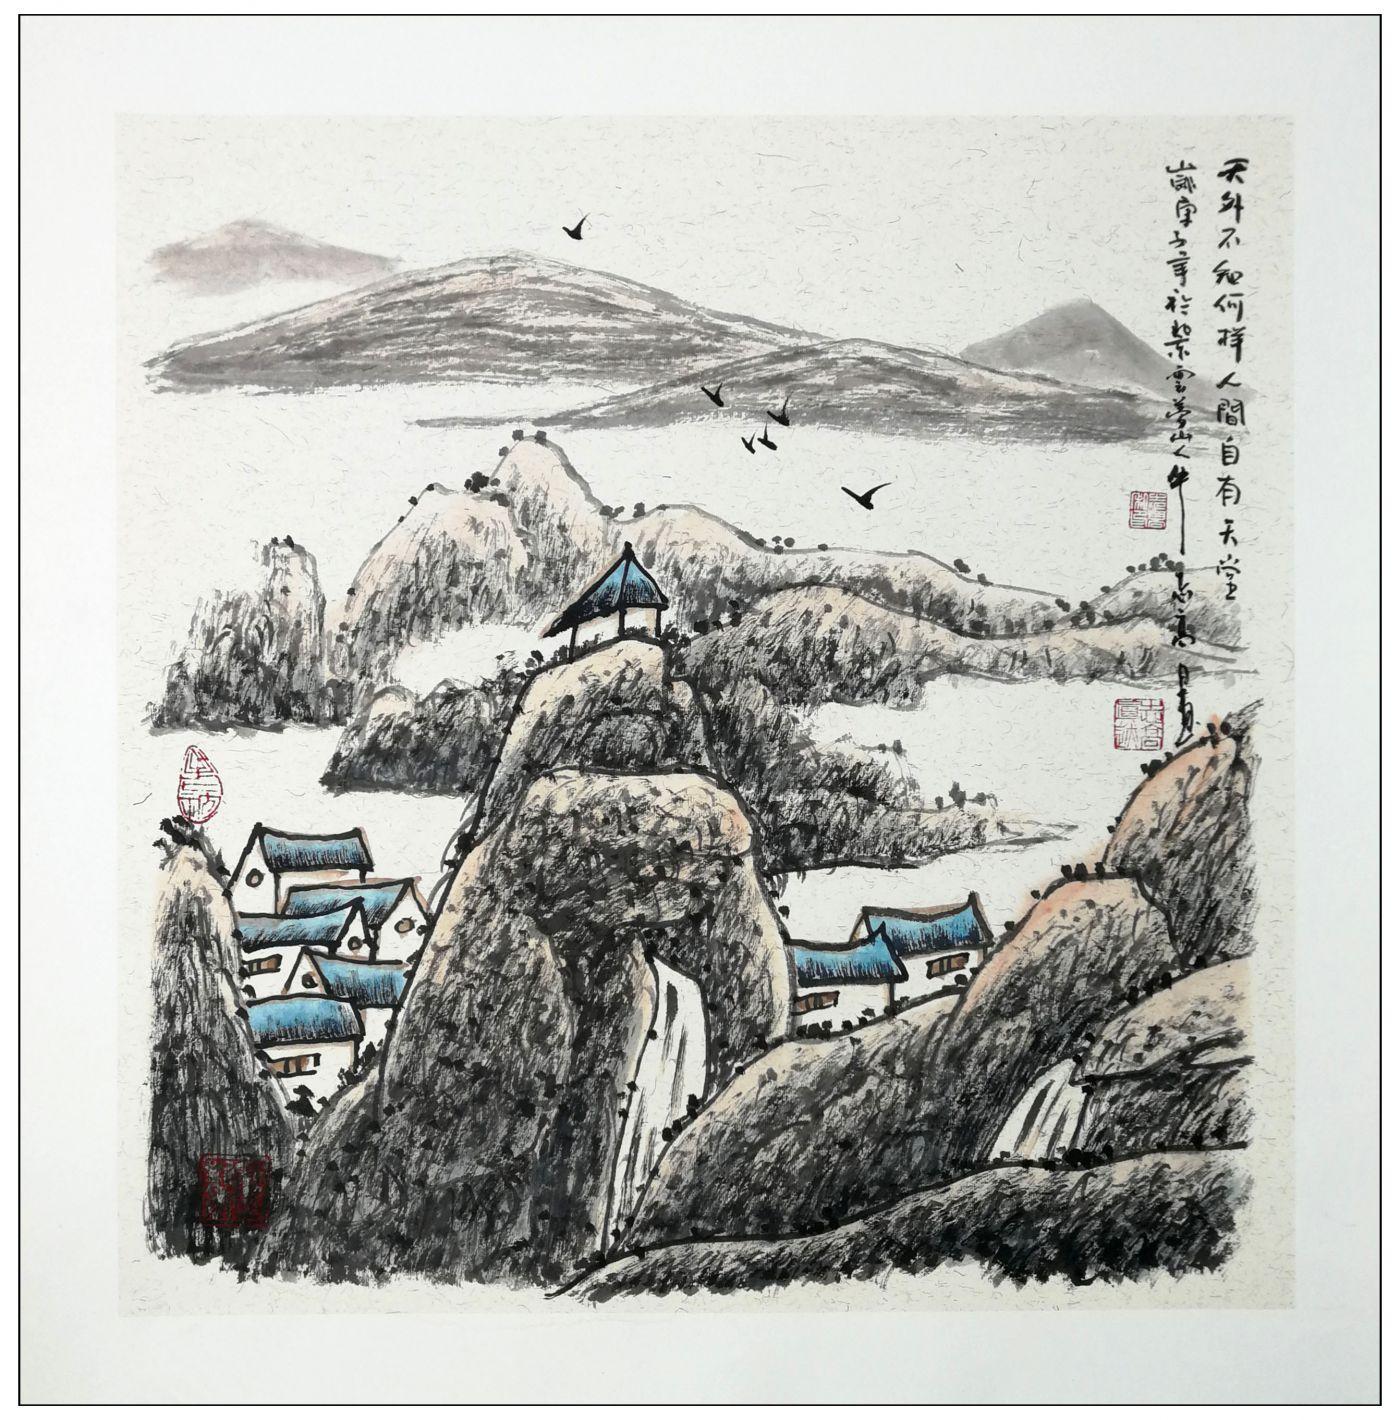 牛志高2020山水画新作-----2020.07.05_图1-8